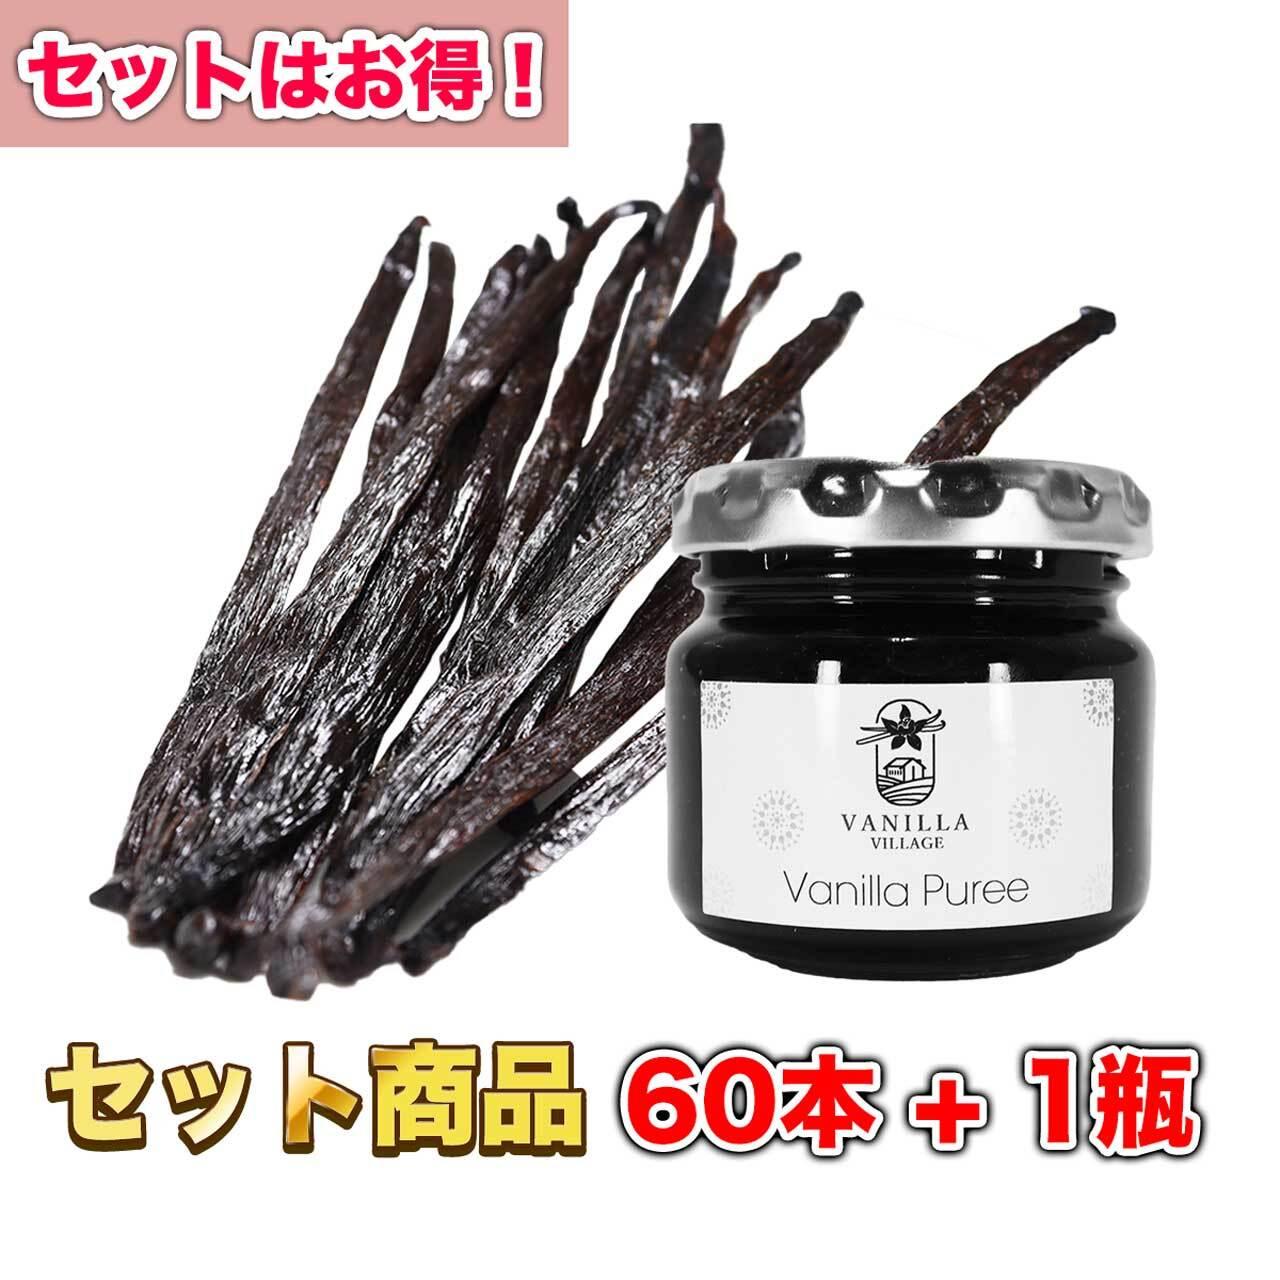 【セット商品はお得!】Vanilla Villageの推薦セット(60本 + 1瓶)